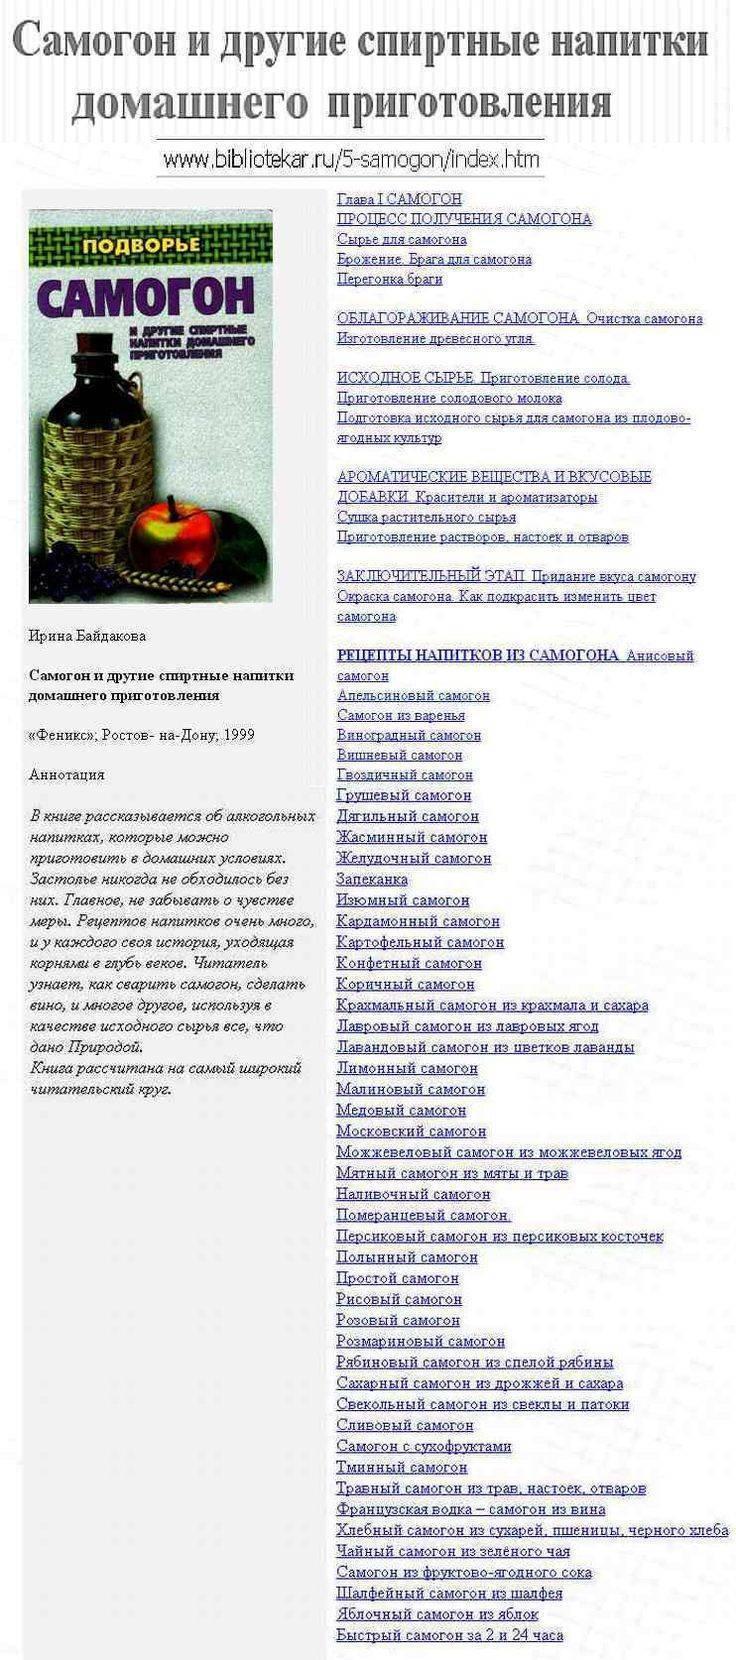 Читать книгу самогон и другие спиртные напитки домашнего приготовления ирины байдаковой : онлайн чтение - страница 17